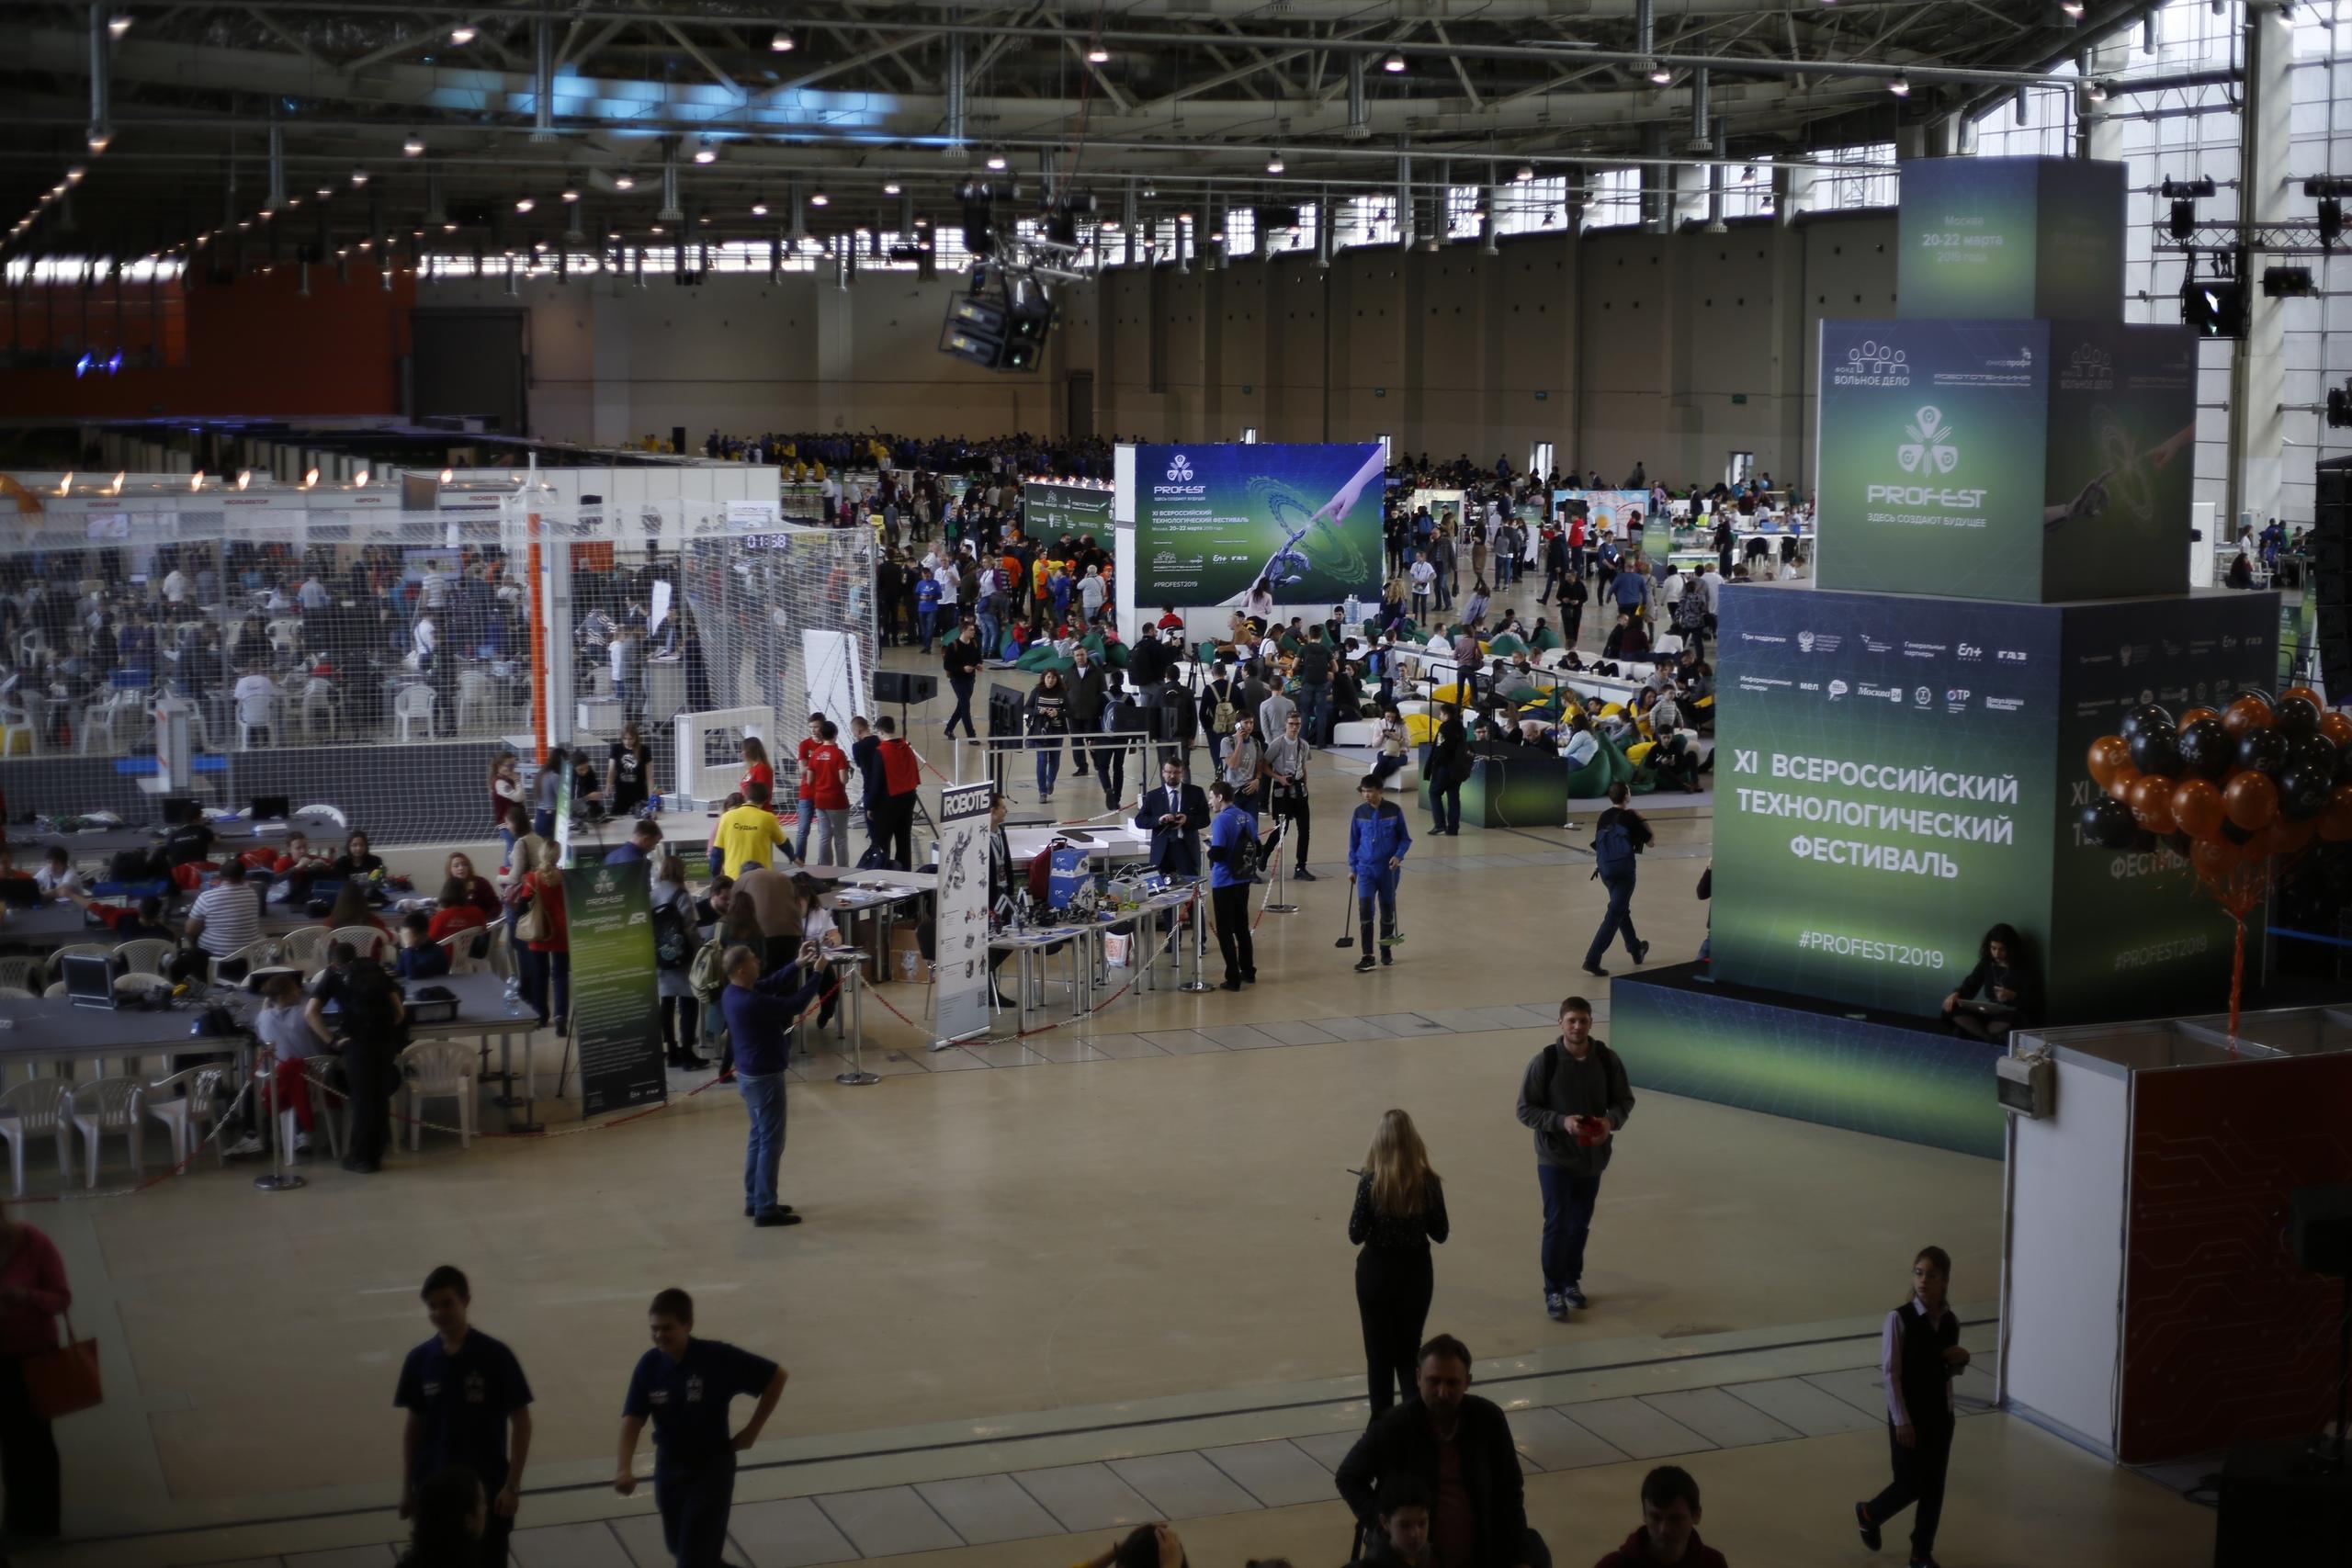 Ежегодно фестиваль проходит в Москве на ВДНХ